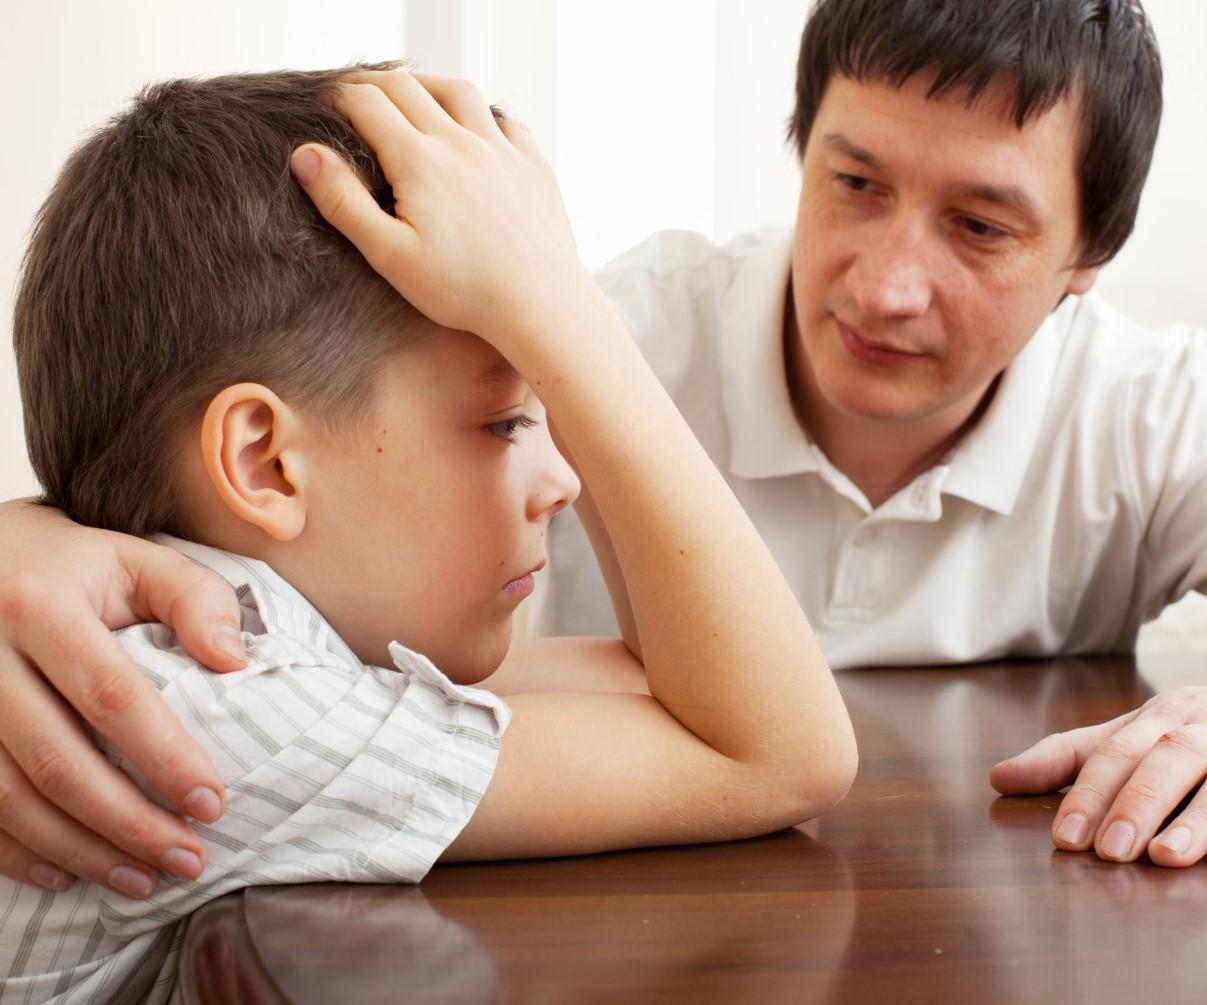 Memahami Kesehatan Mental Anak-Anak